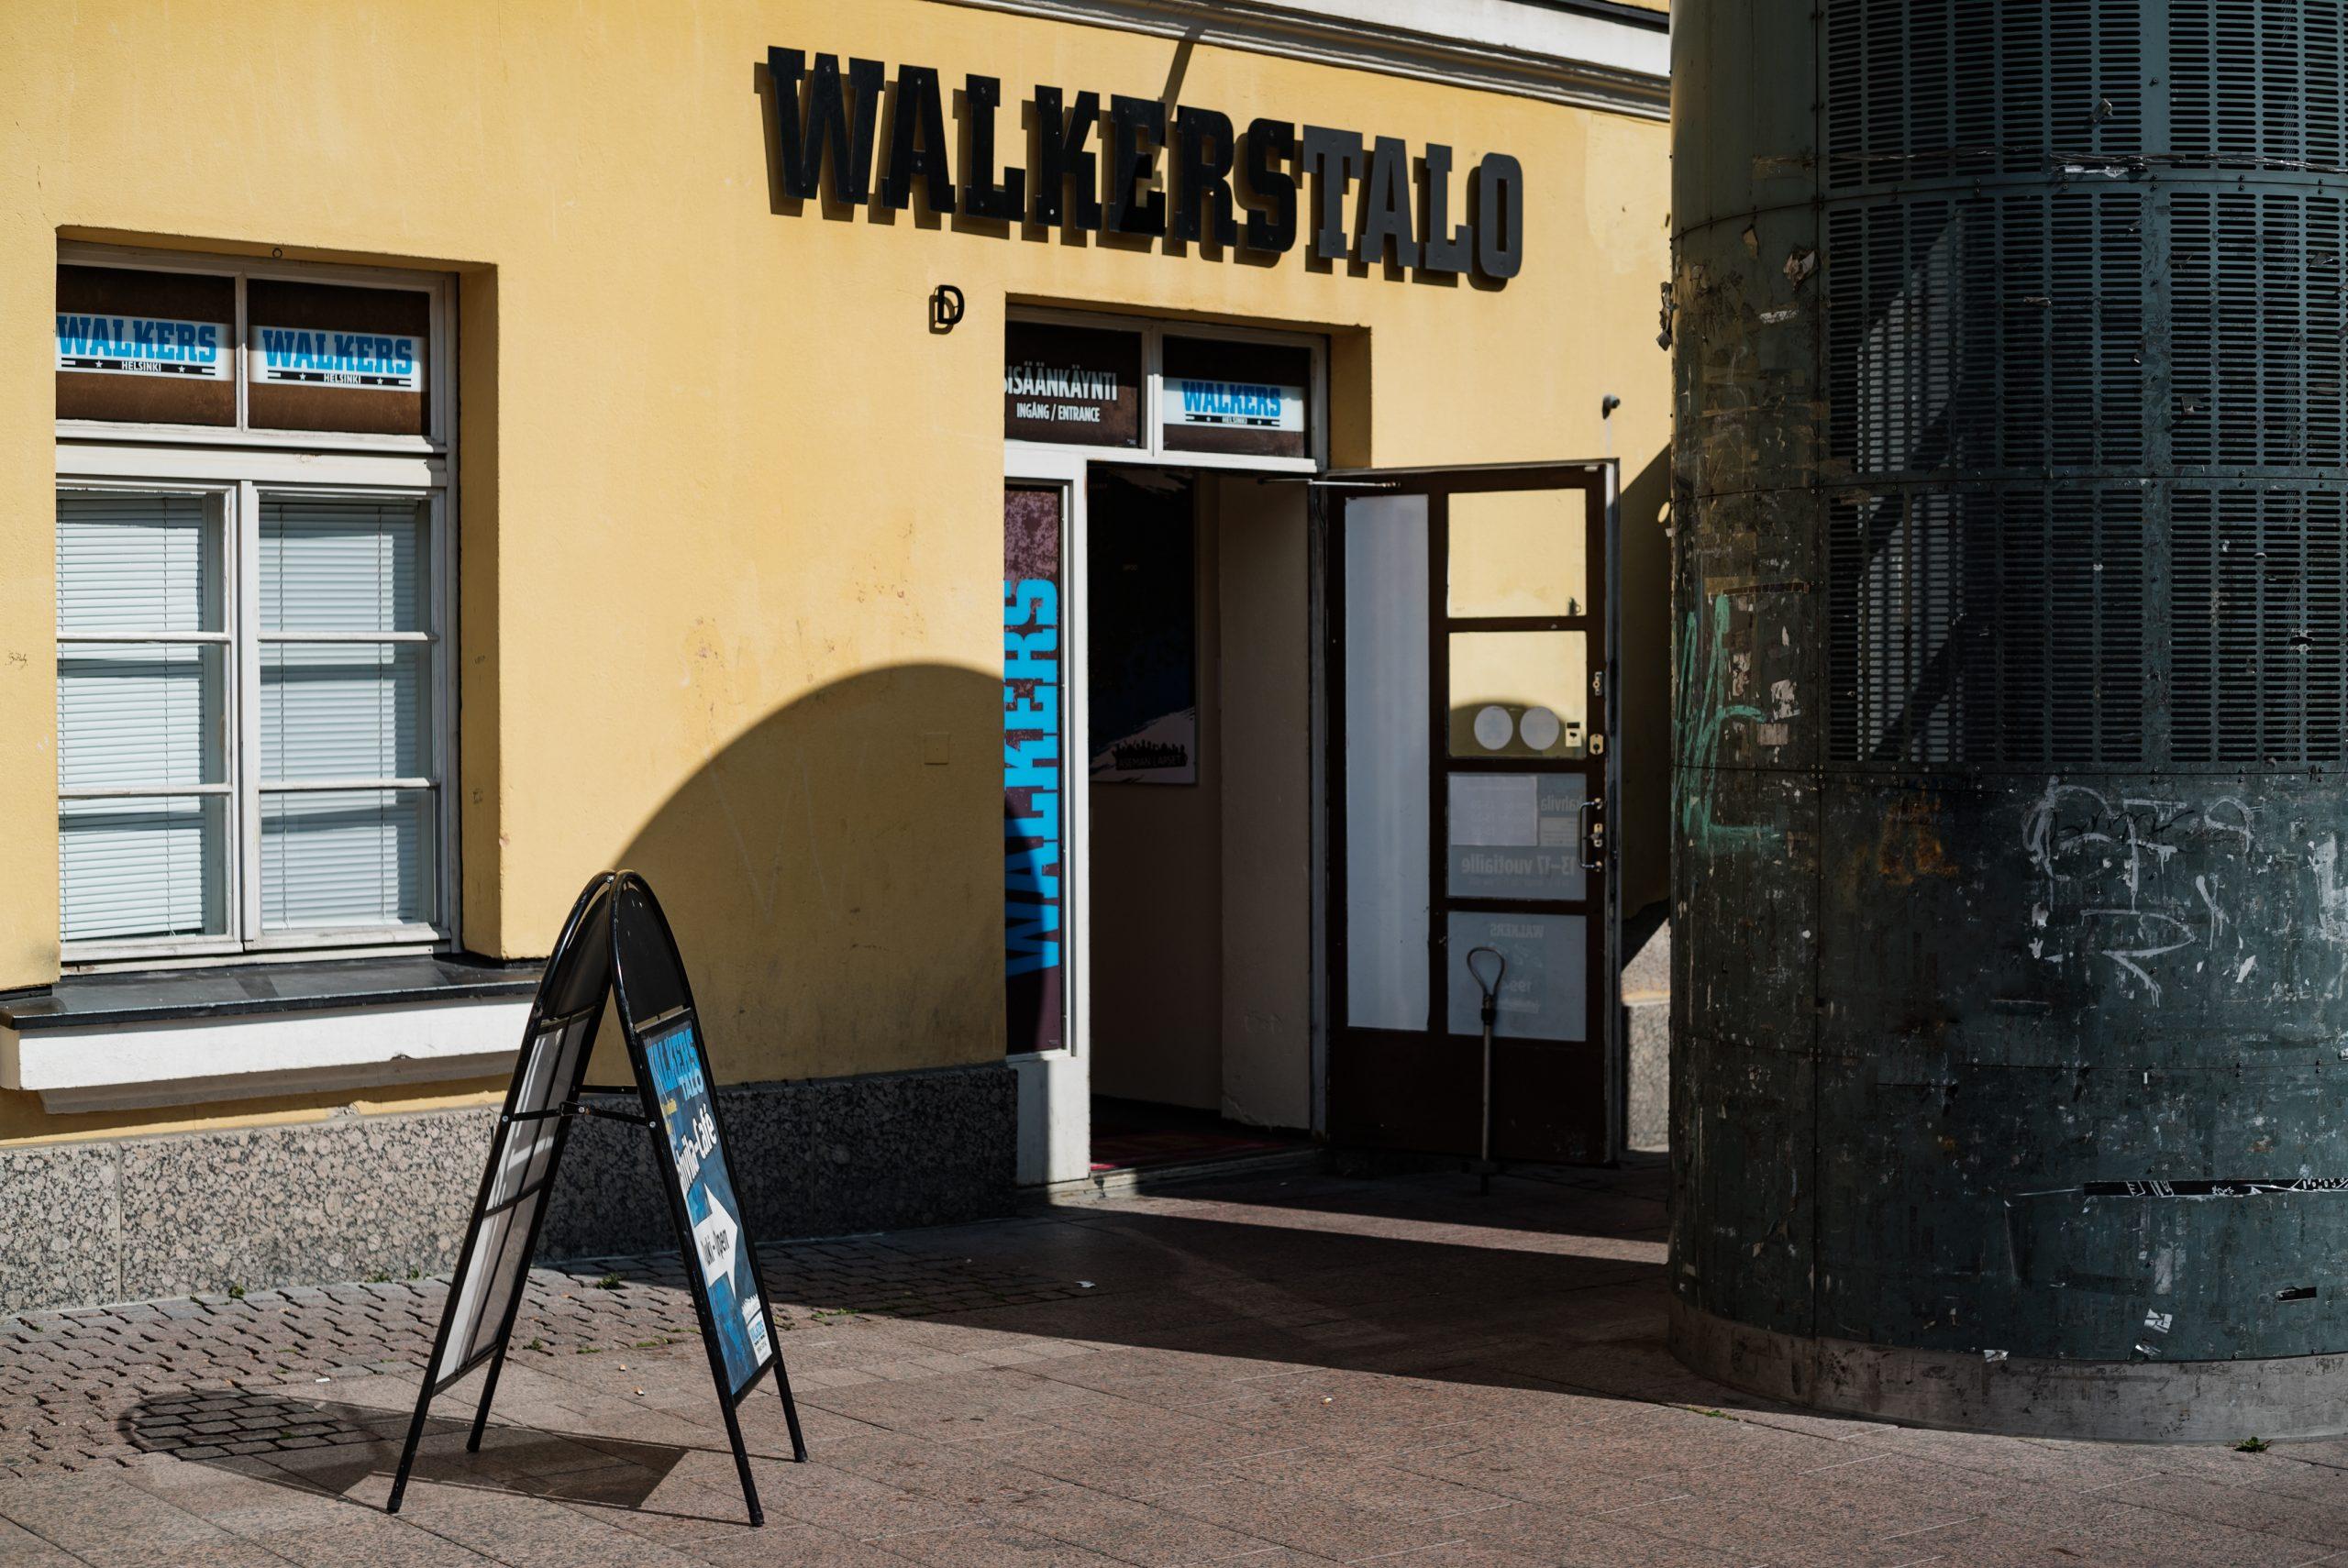 Auki oleva ovi, jonka yläpuolella teksti Walkers-talo.